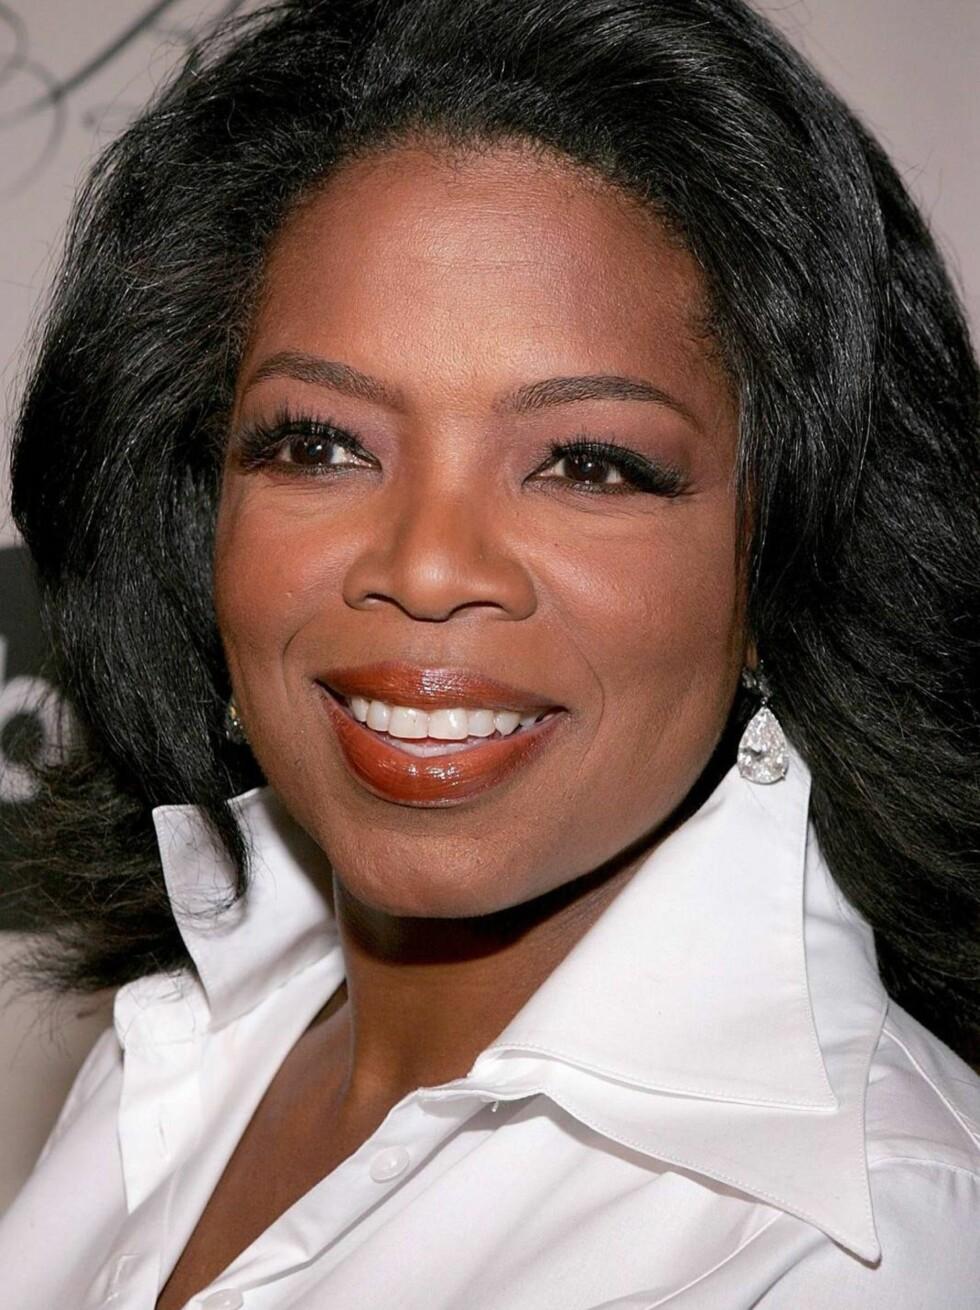 UBUDEN GJEST: Oprah antar visst at hun er velkommen overalt. Foto: All Over Press